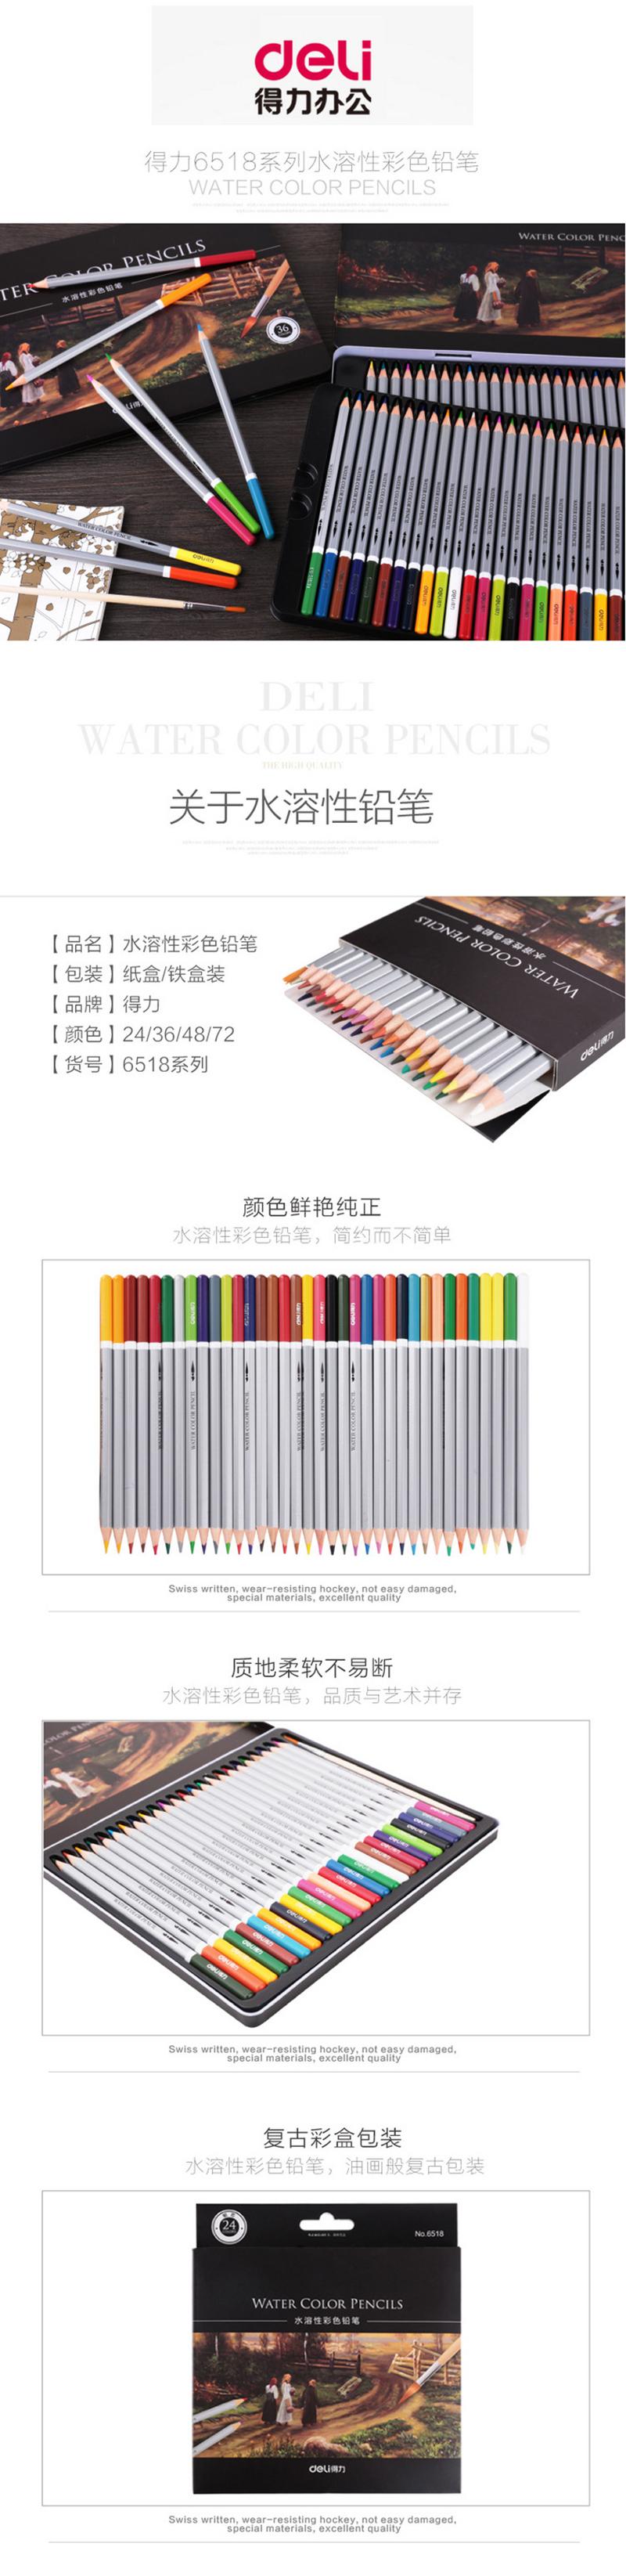 得力24色水溶性彩色铅笔 水溶性彩铅套装 6518详情页1